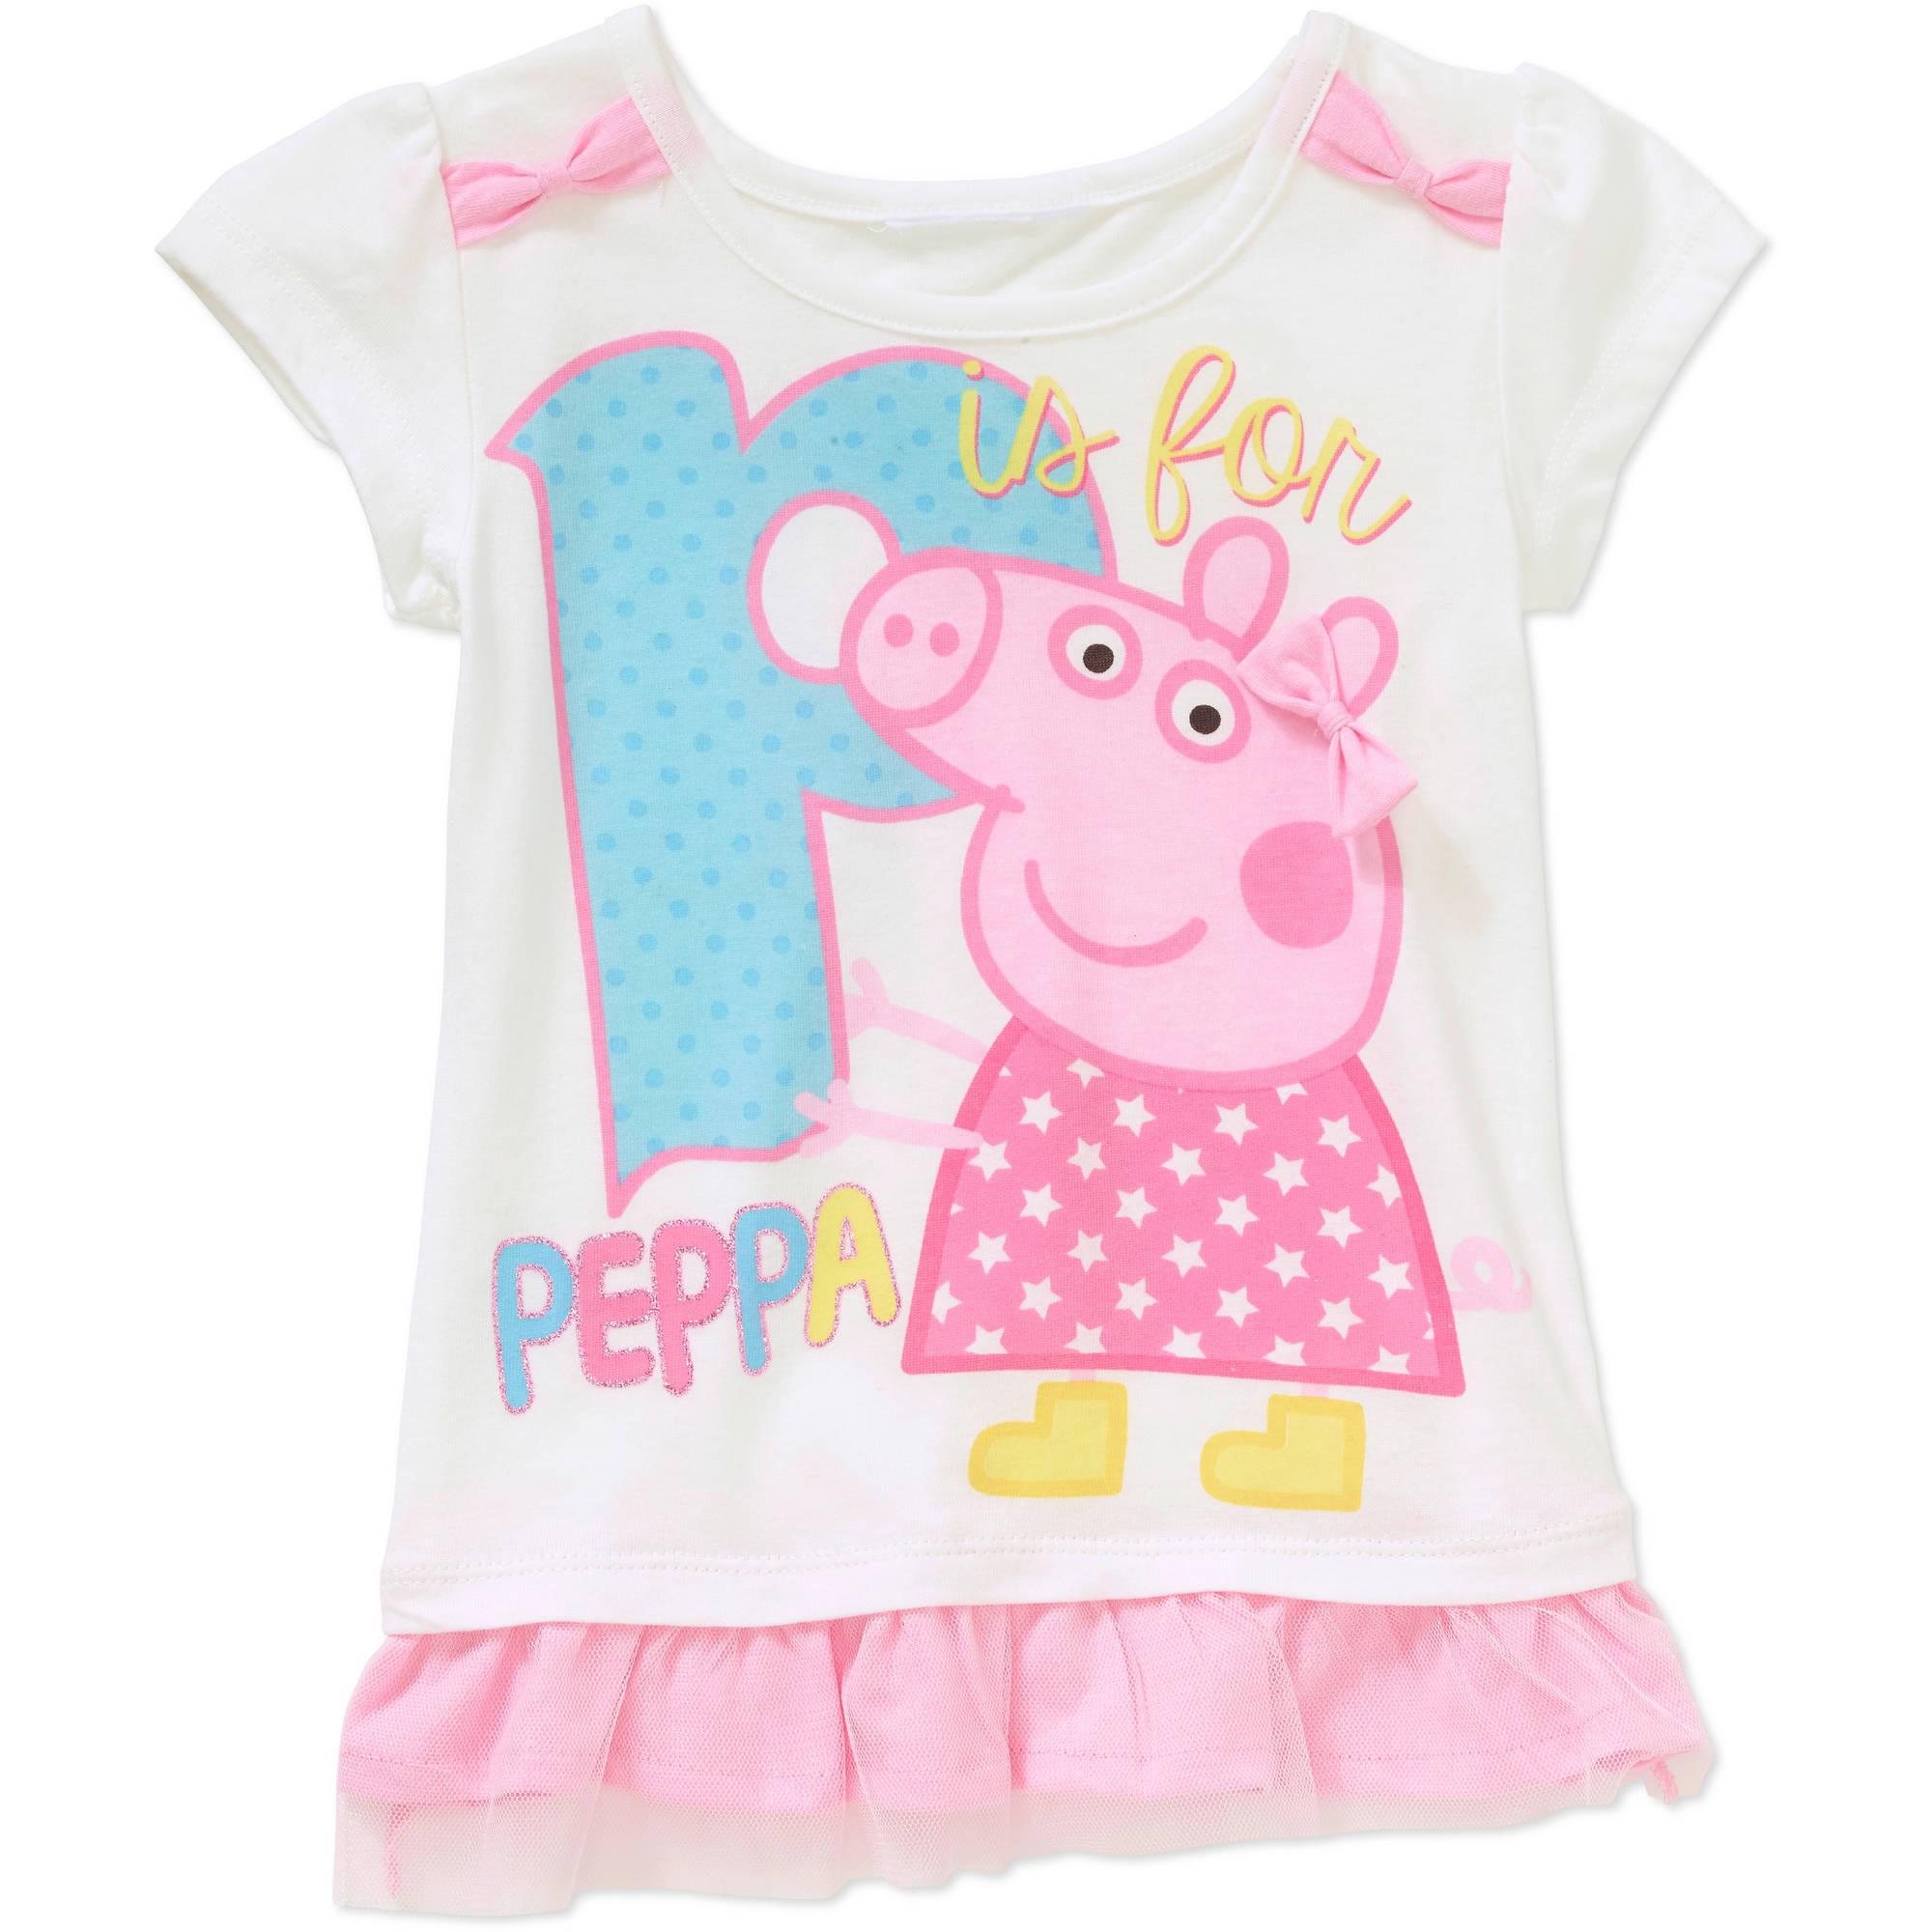 Peppa Pig Toddler Girls' Ruffled Bottom Graphic Tee Shirt